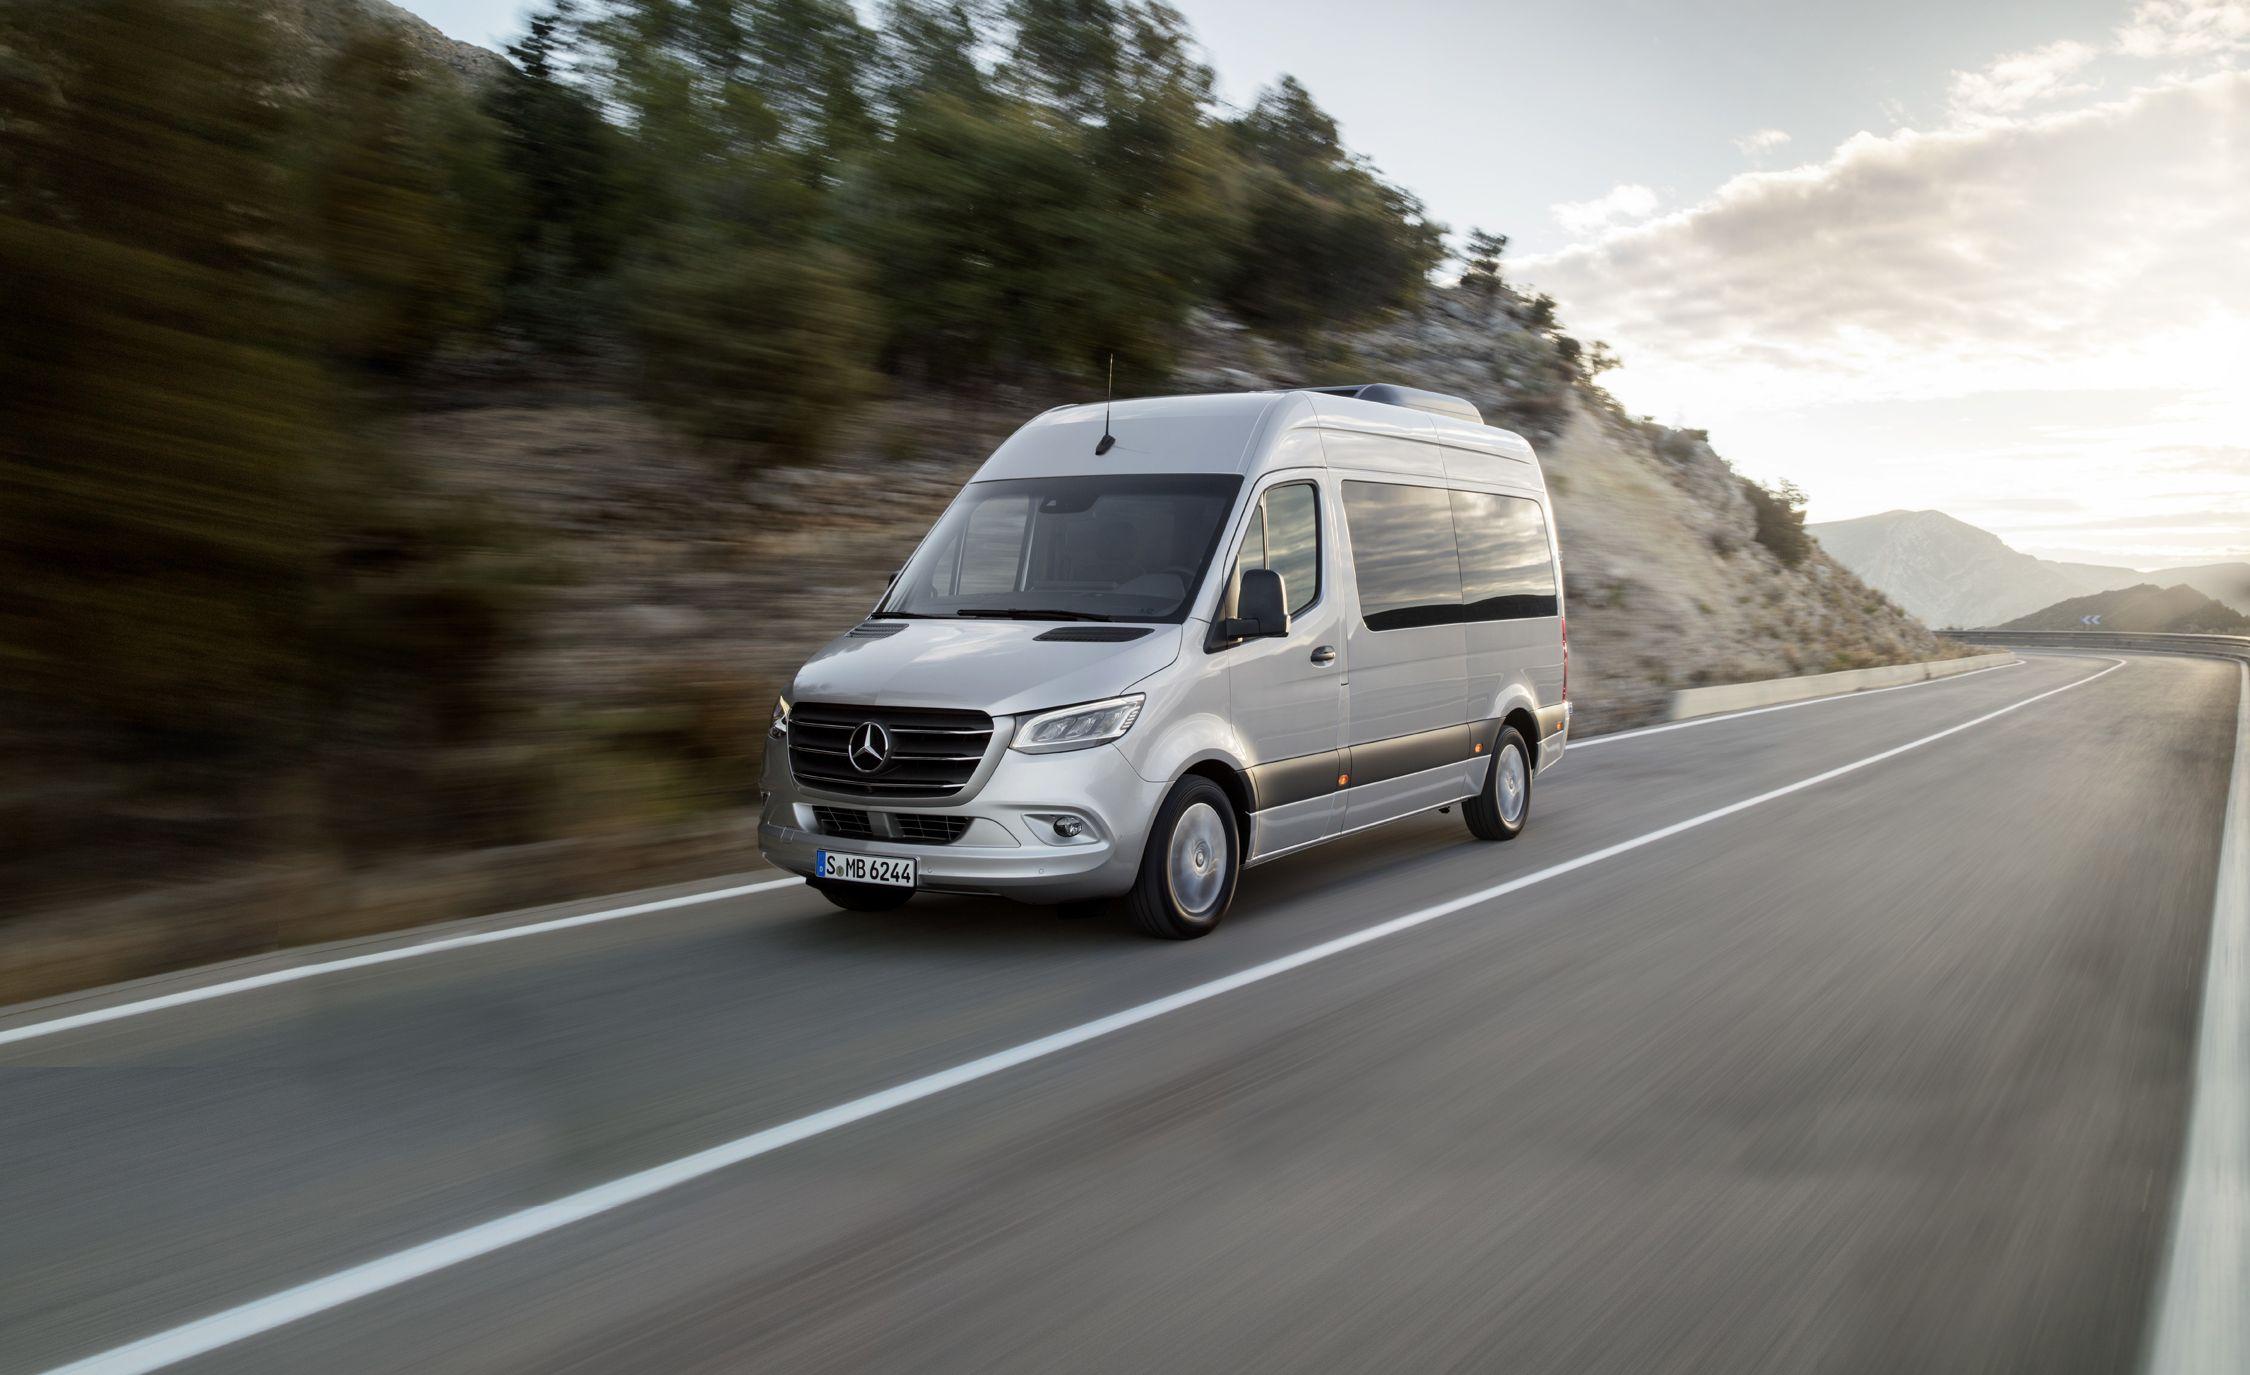 2019 Mercedes Benz Sprinter: Building A Better Box